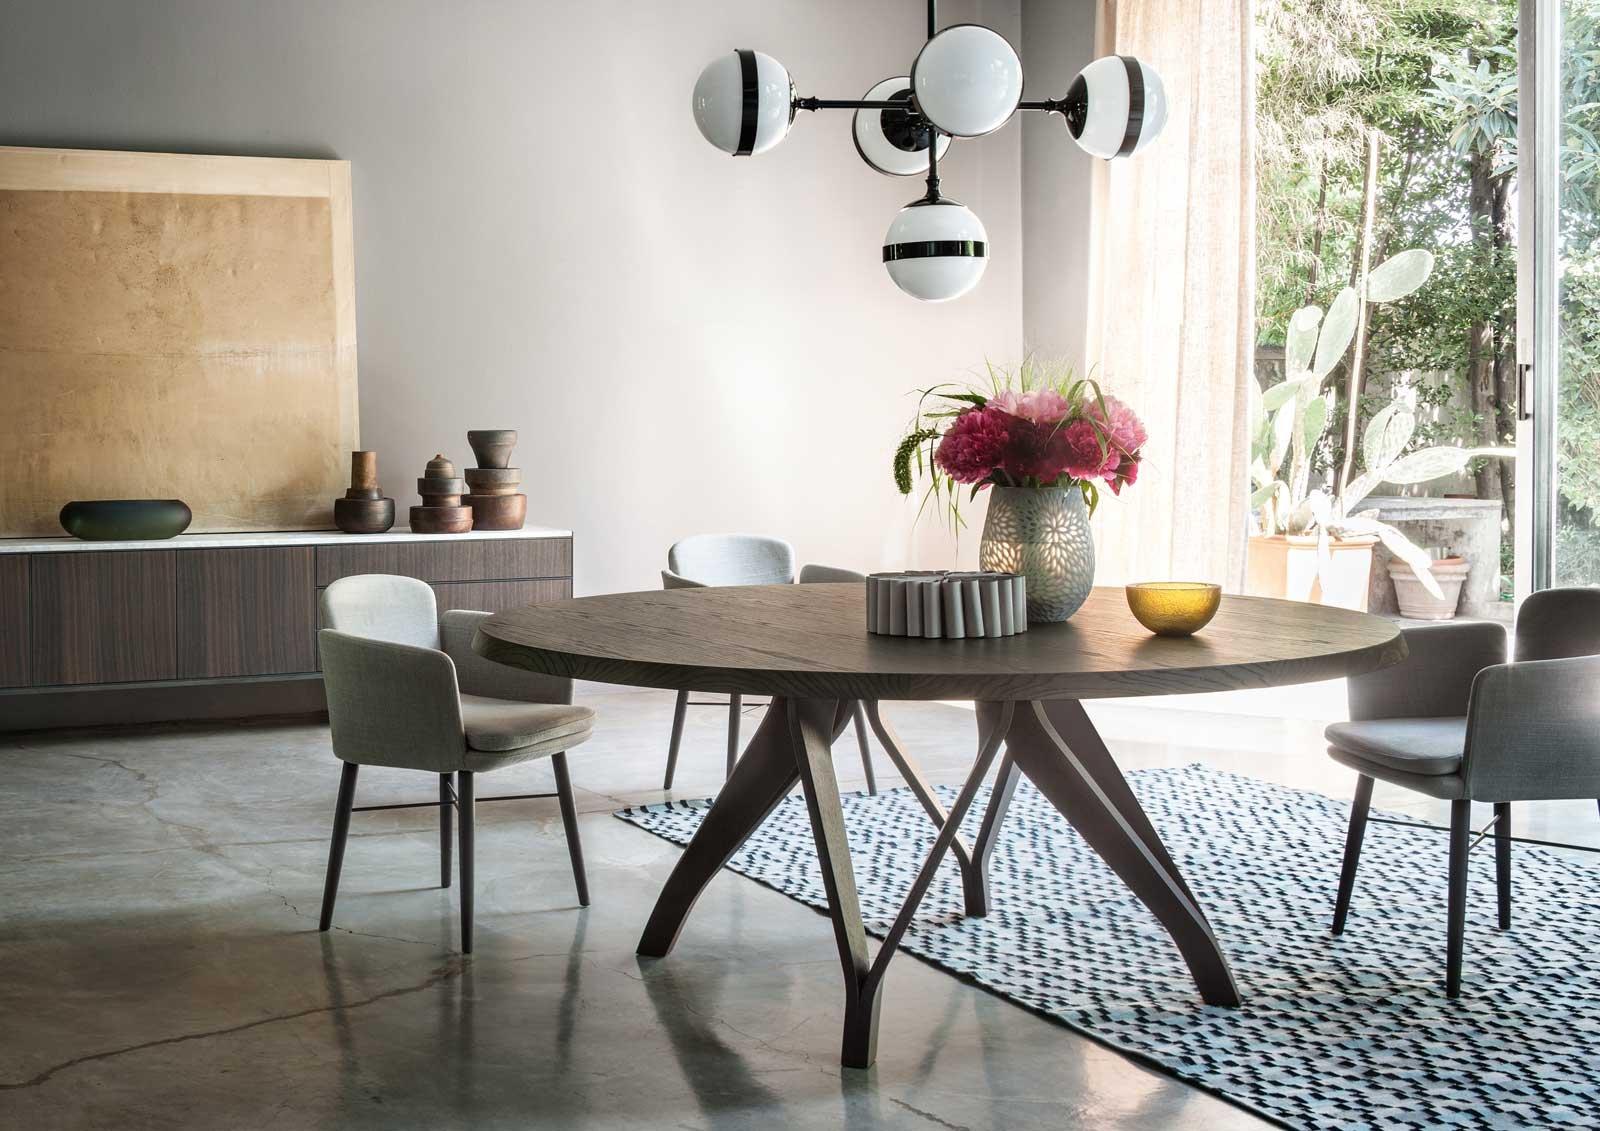 Design per la zona pranzo i tavoli lema rettangolari e for Zona pranzo design